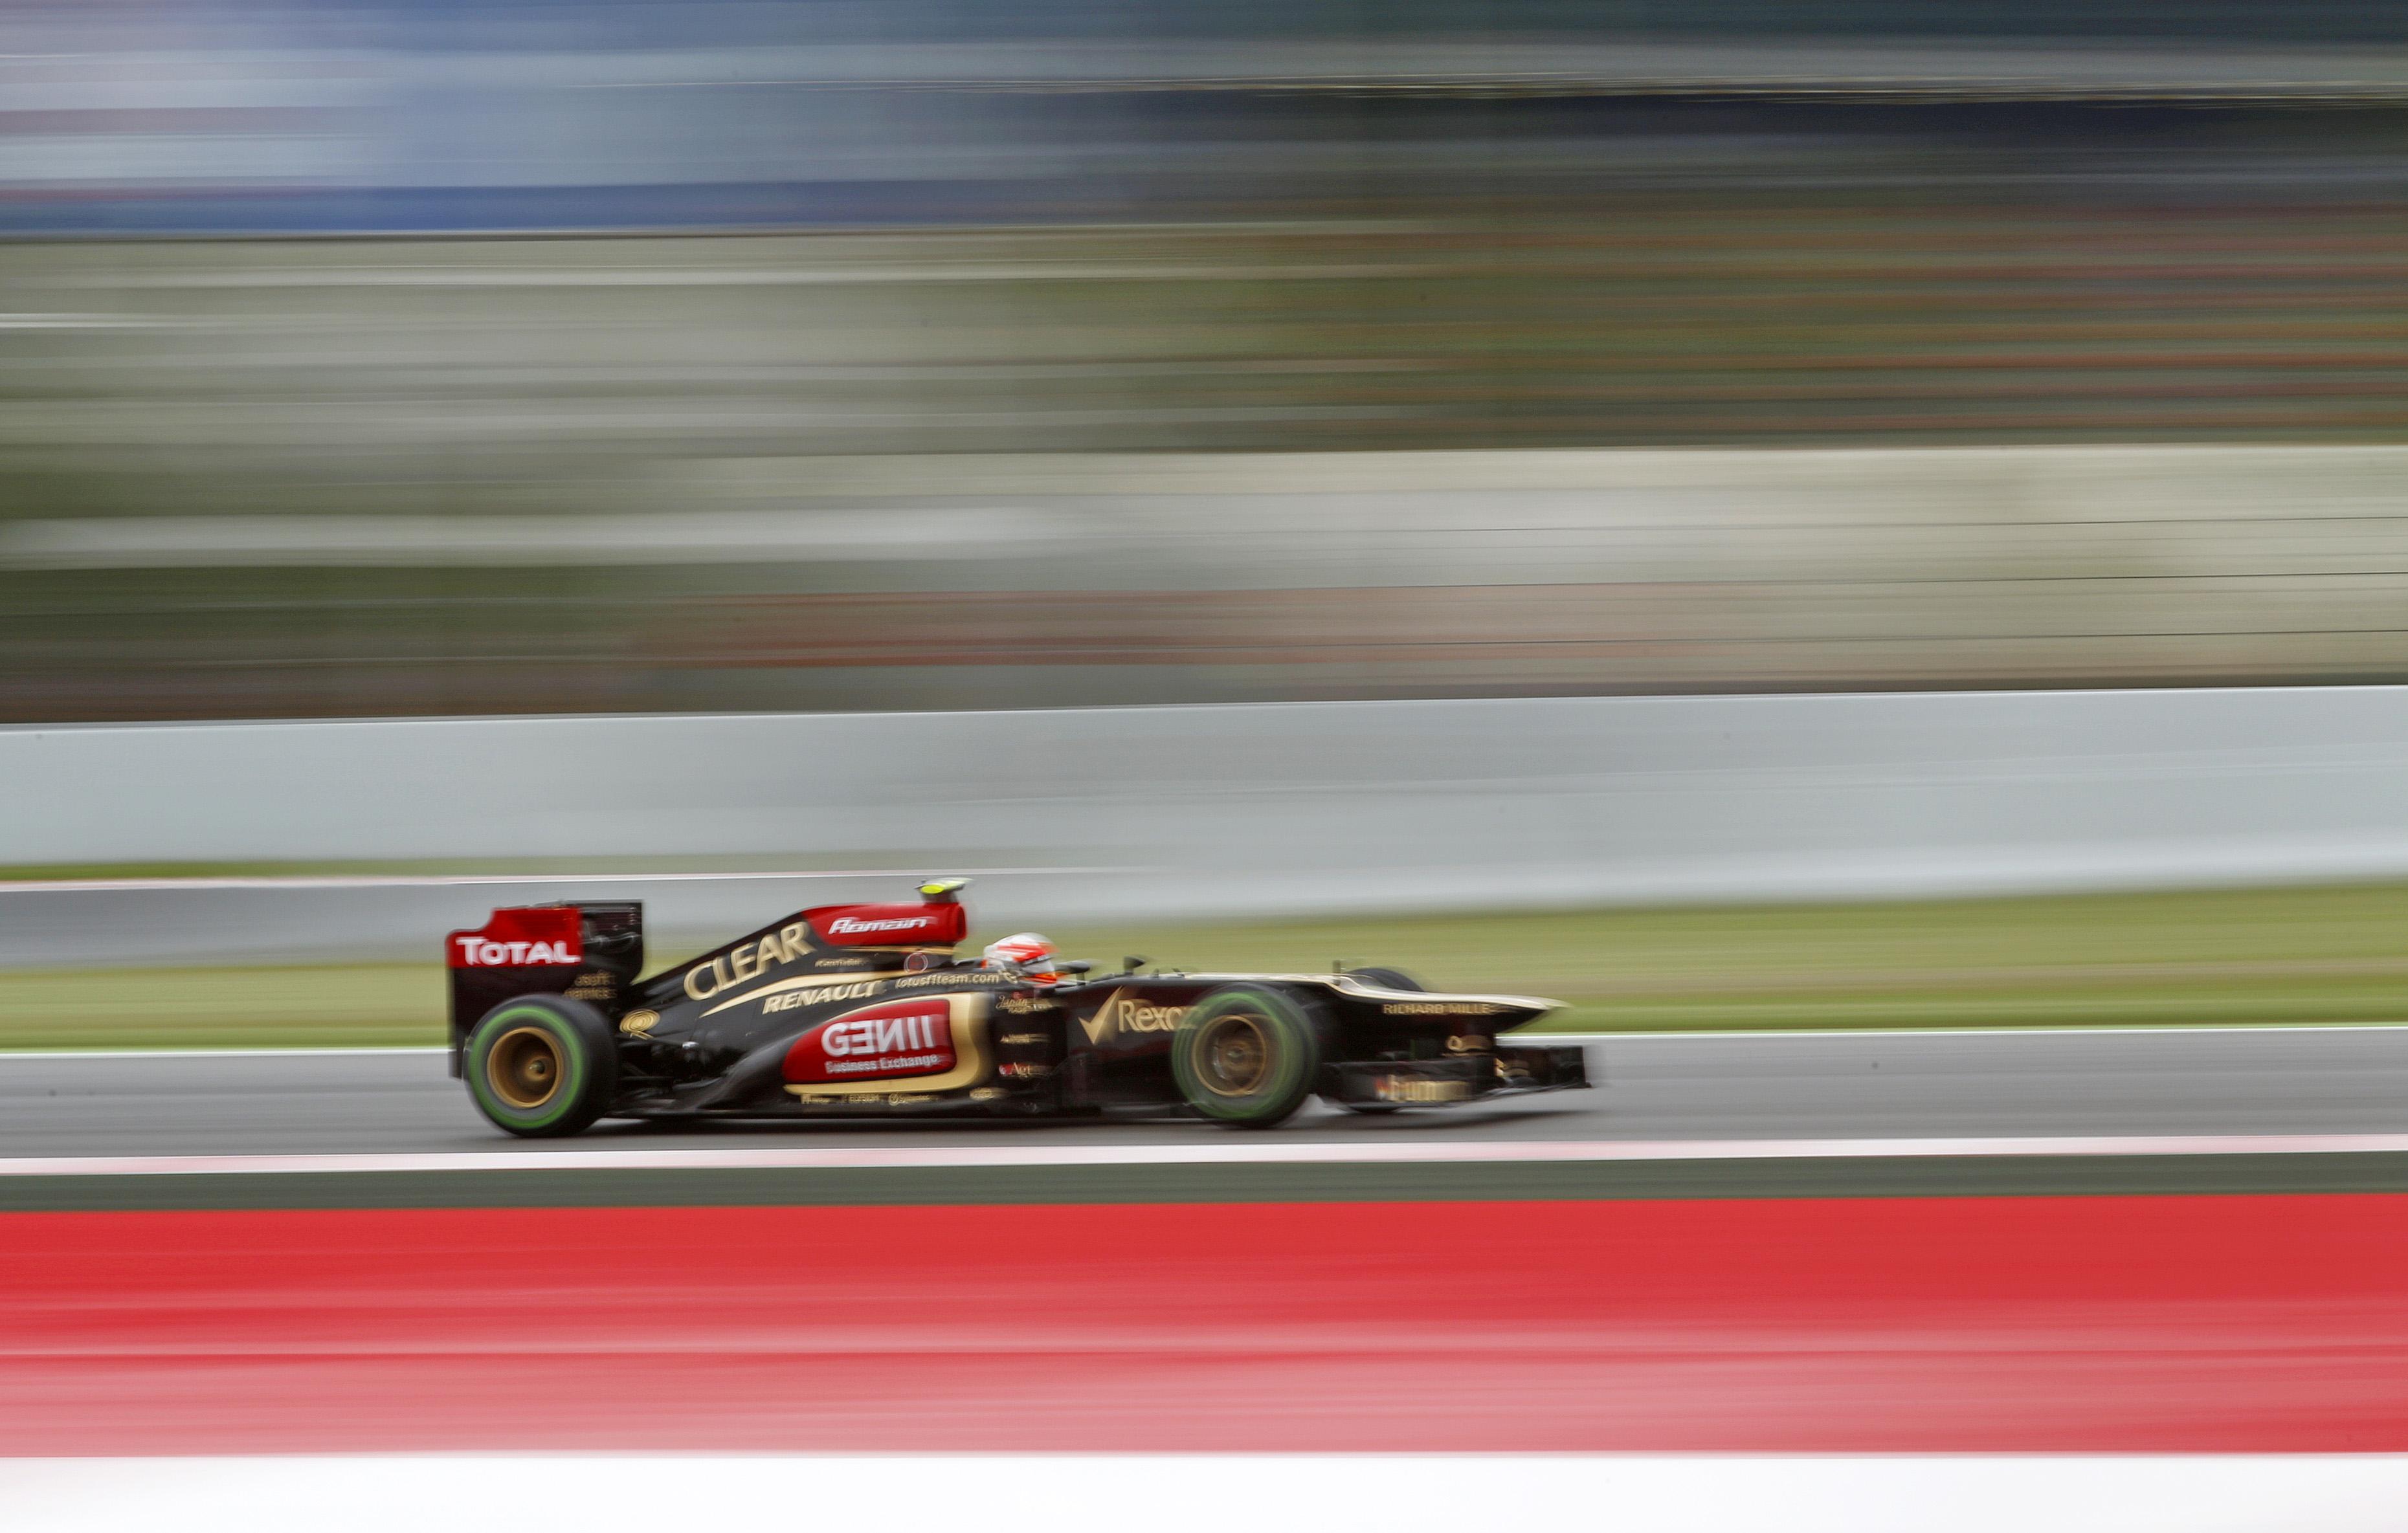 F1 2013 - Spanish Grand Prix